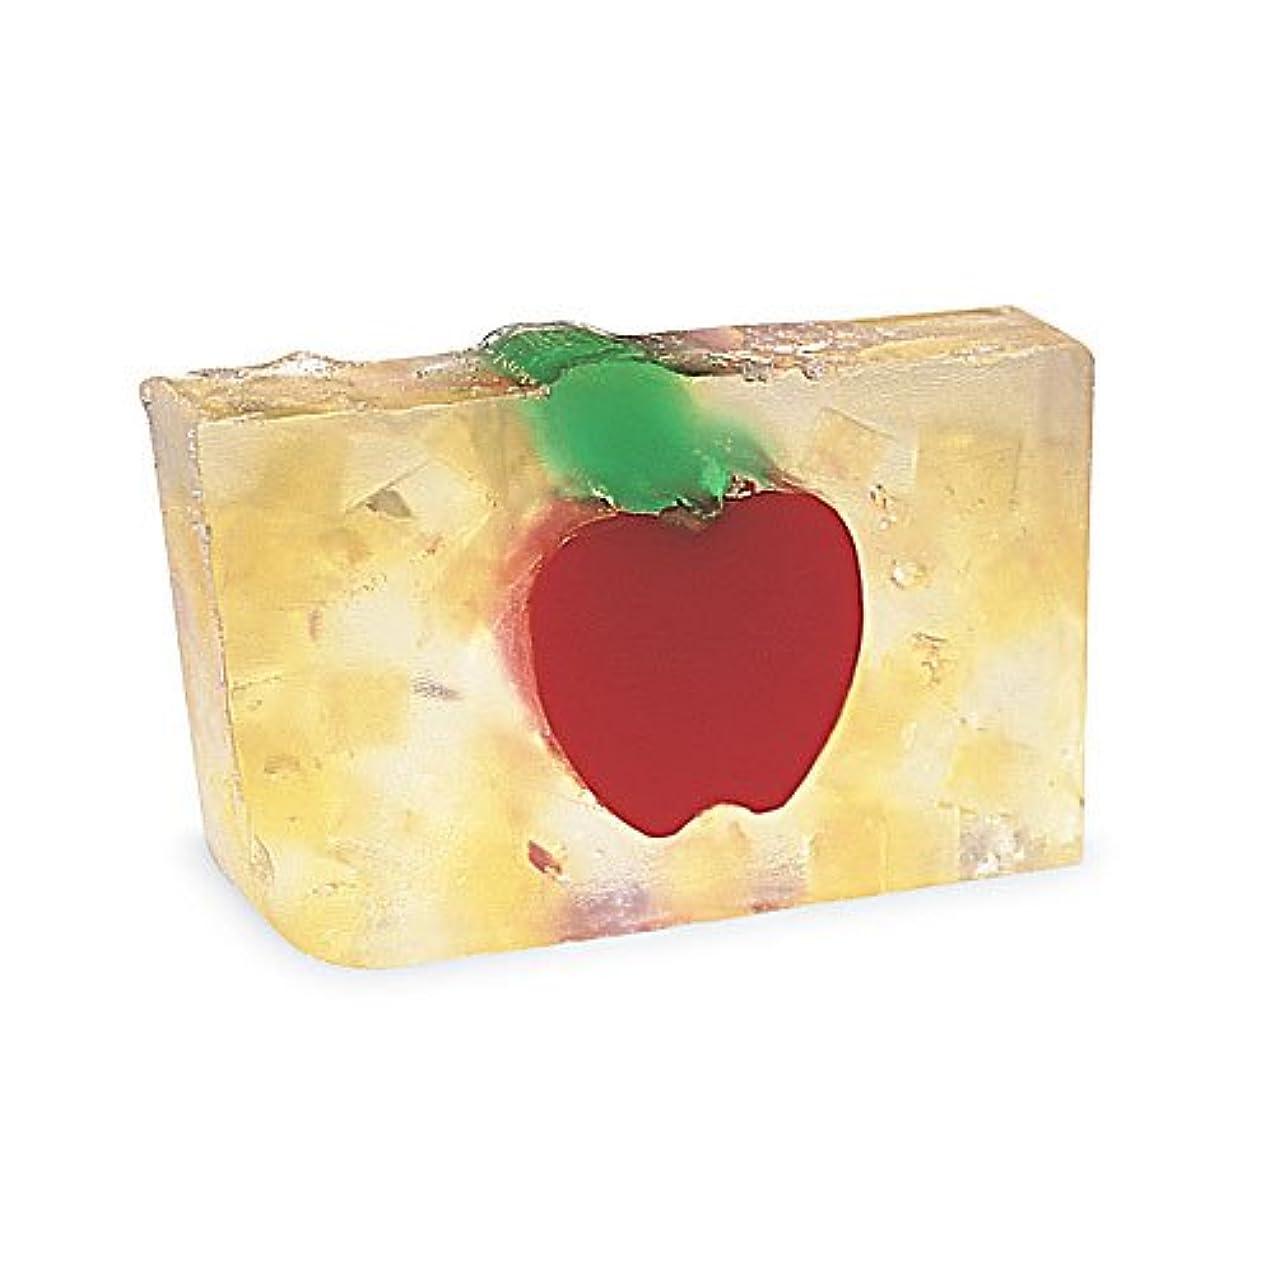 リフレッシュ静脈重要な役割を果たす、中心的な手段となるプライモールエレメンツ アロマティック ソープ ビッグアップル 180g 植物性 ナチュラル 石鹸 無添加